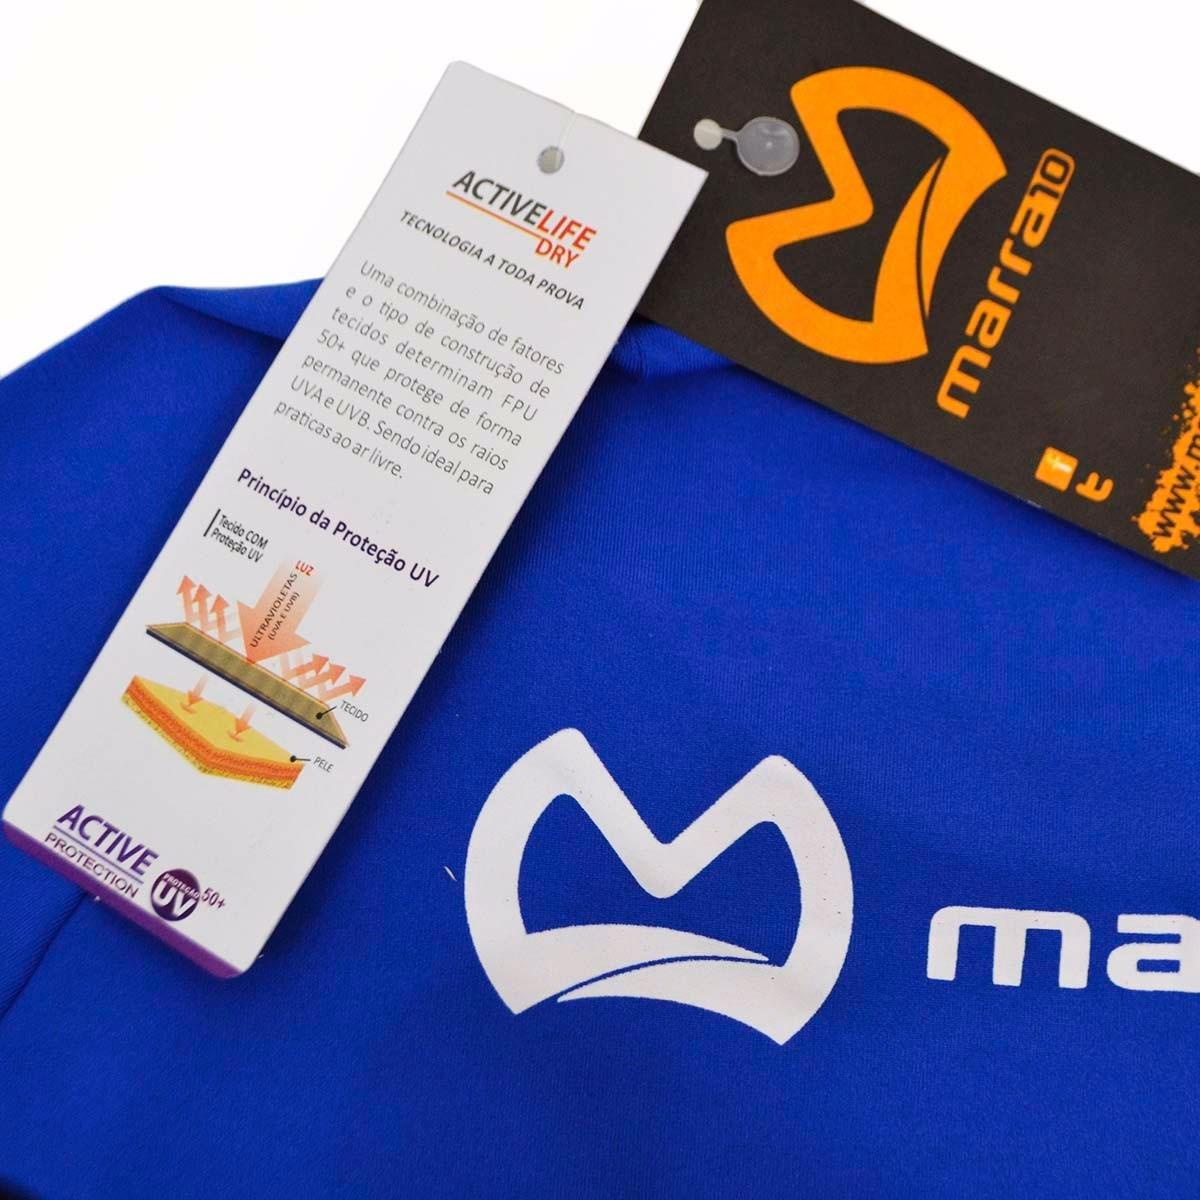 3df81a0d1cbab camisa de compressão termica marra10 pro proteção uv 50. Carregando zoom.